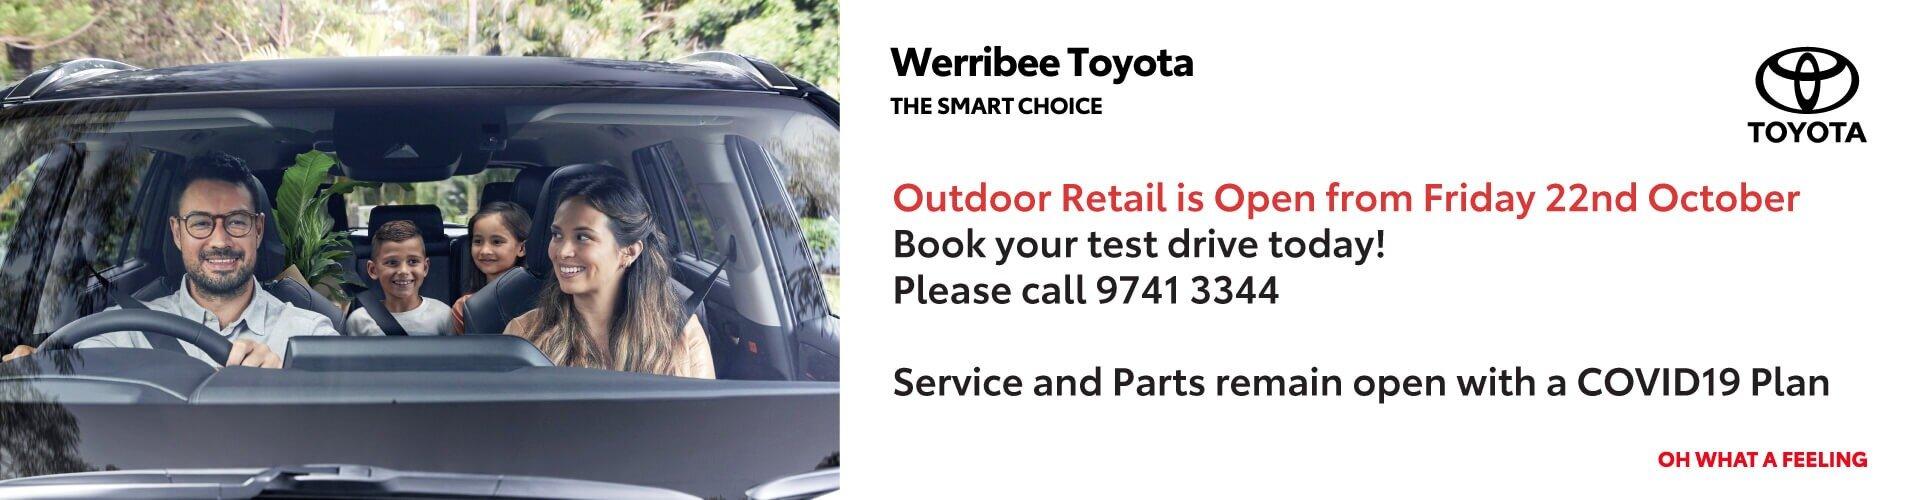 Werribee-Toyota-Outdoor-Retail-HPB